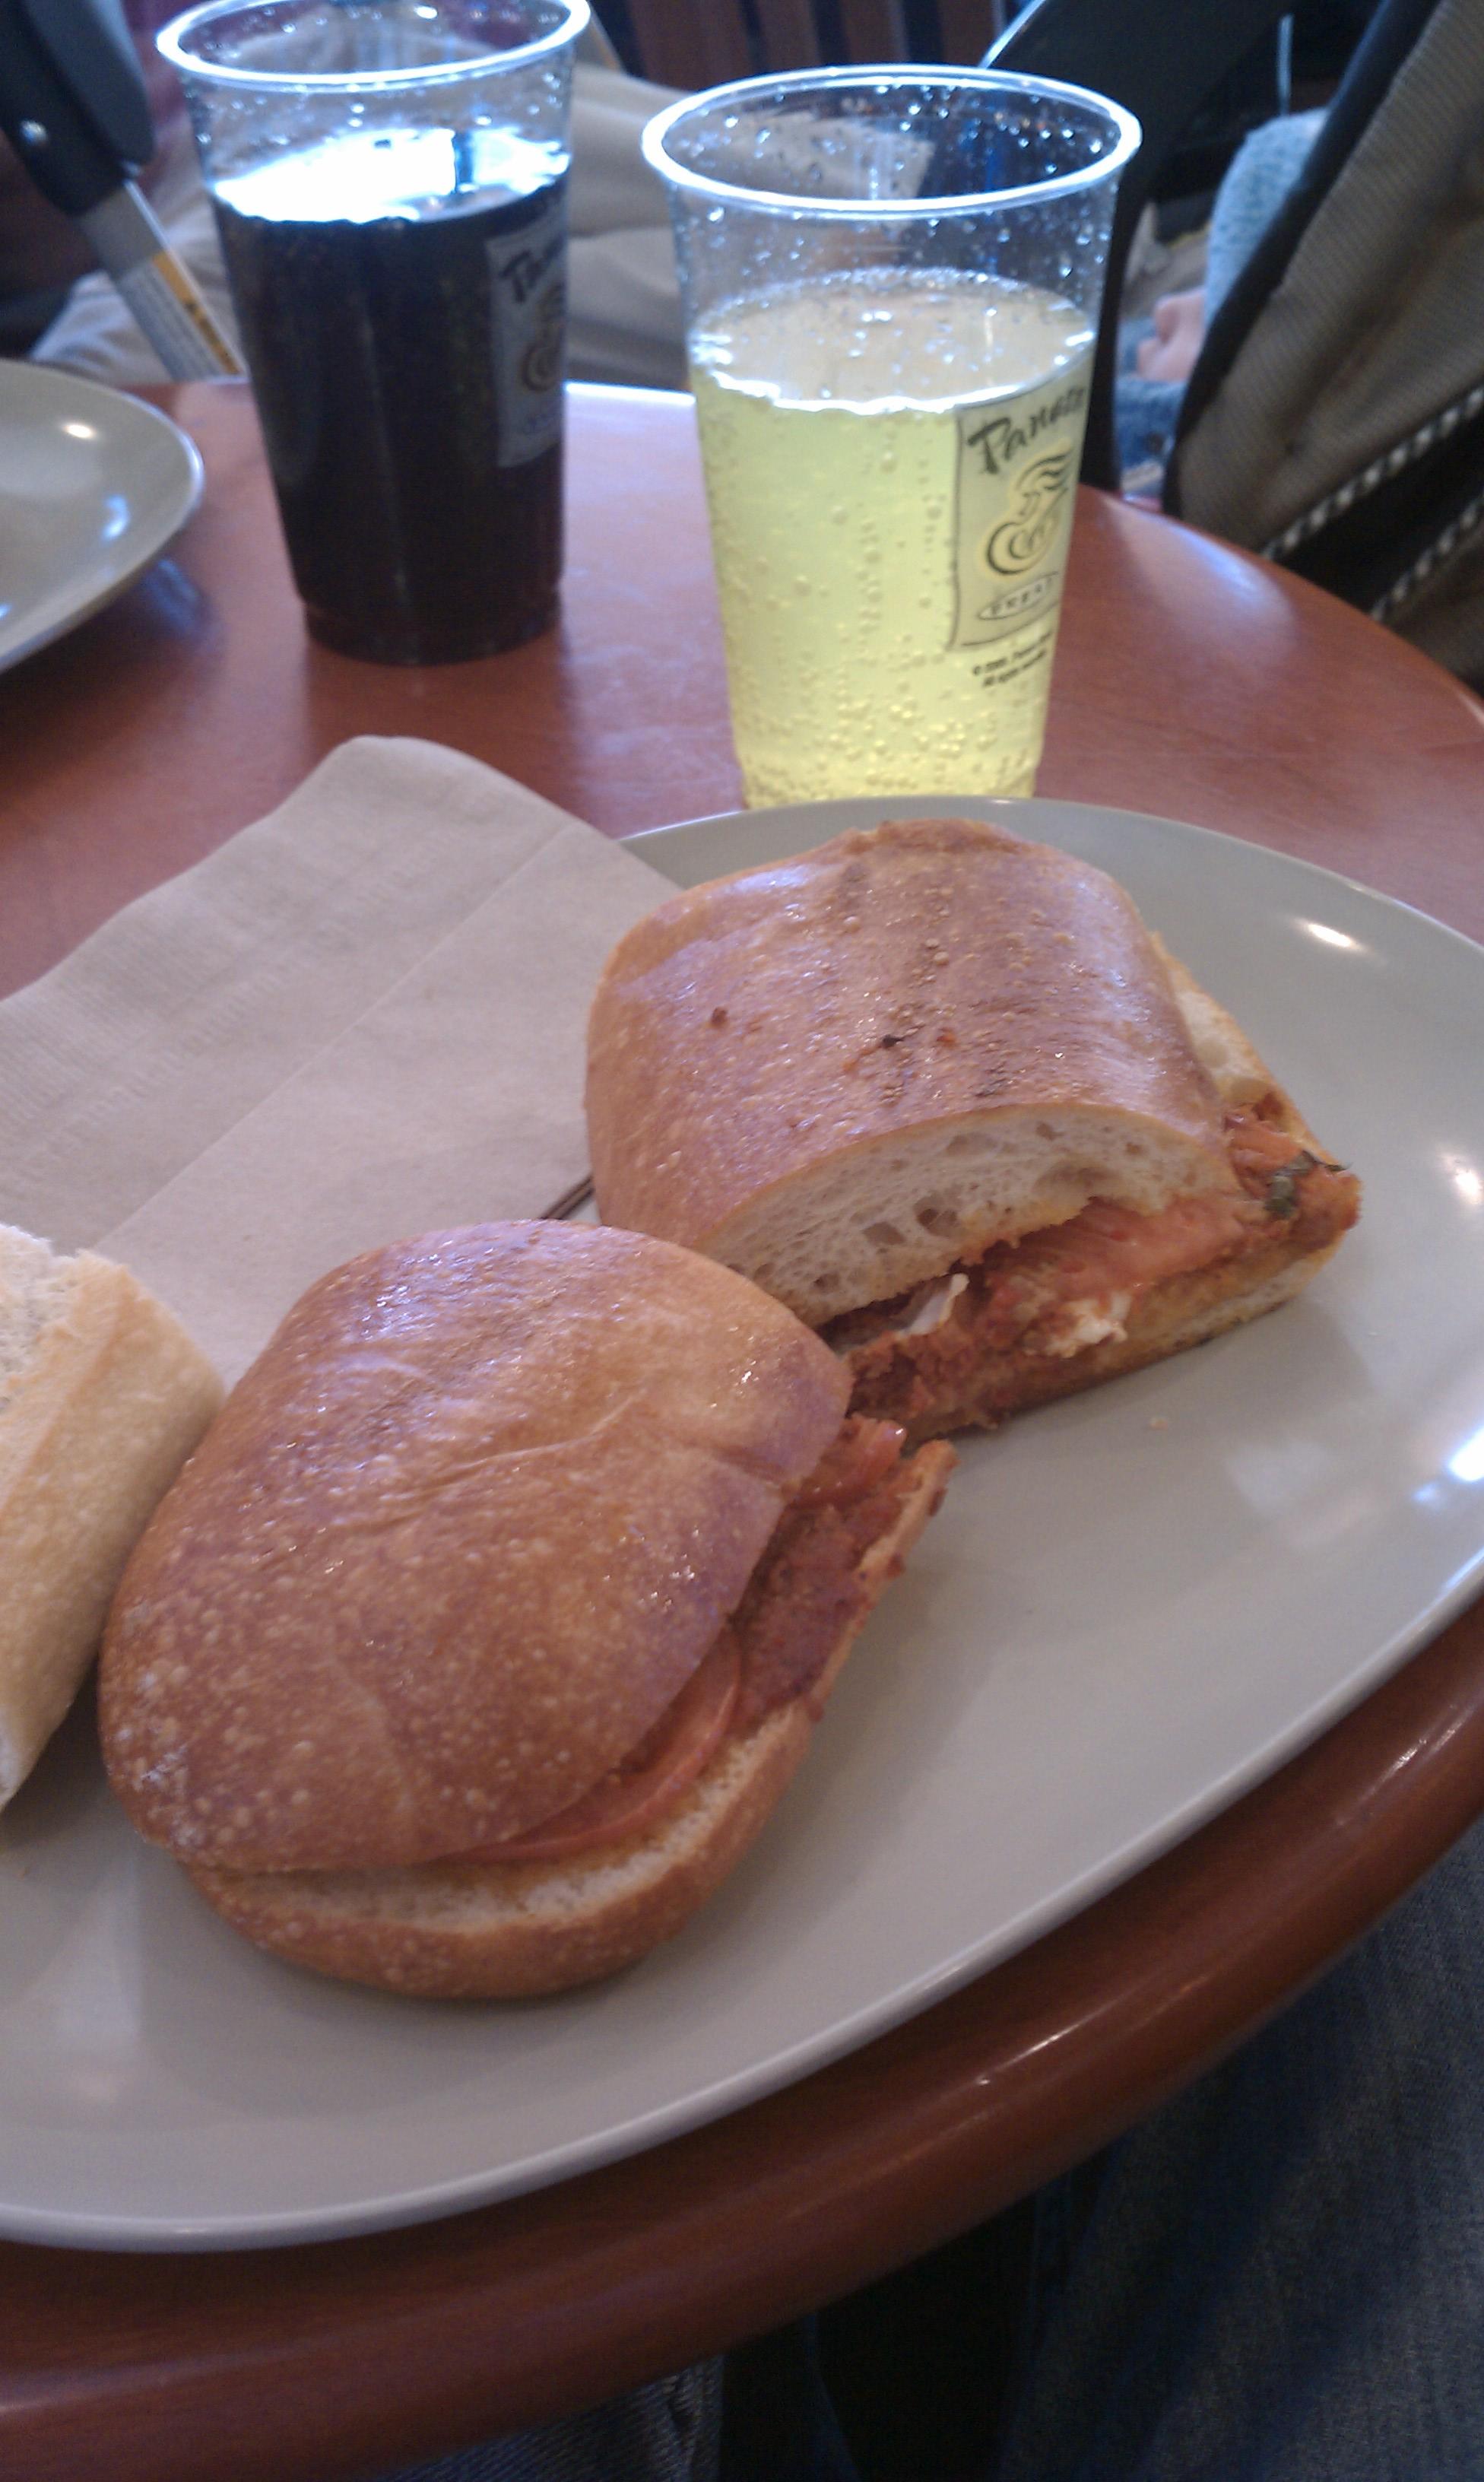 Panera bread newington ct :: tomato and mozzarella hot panini with mountain dew